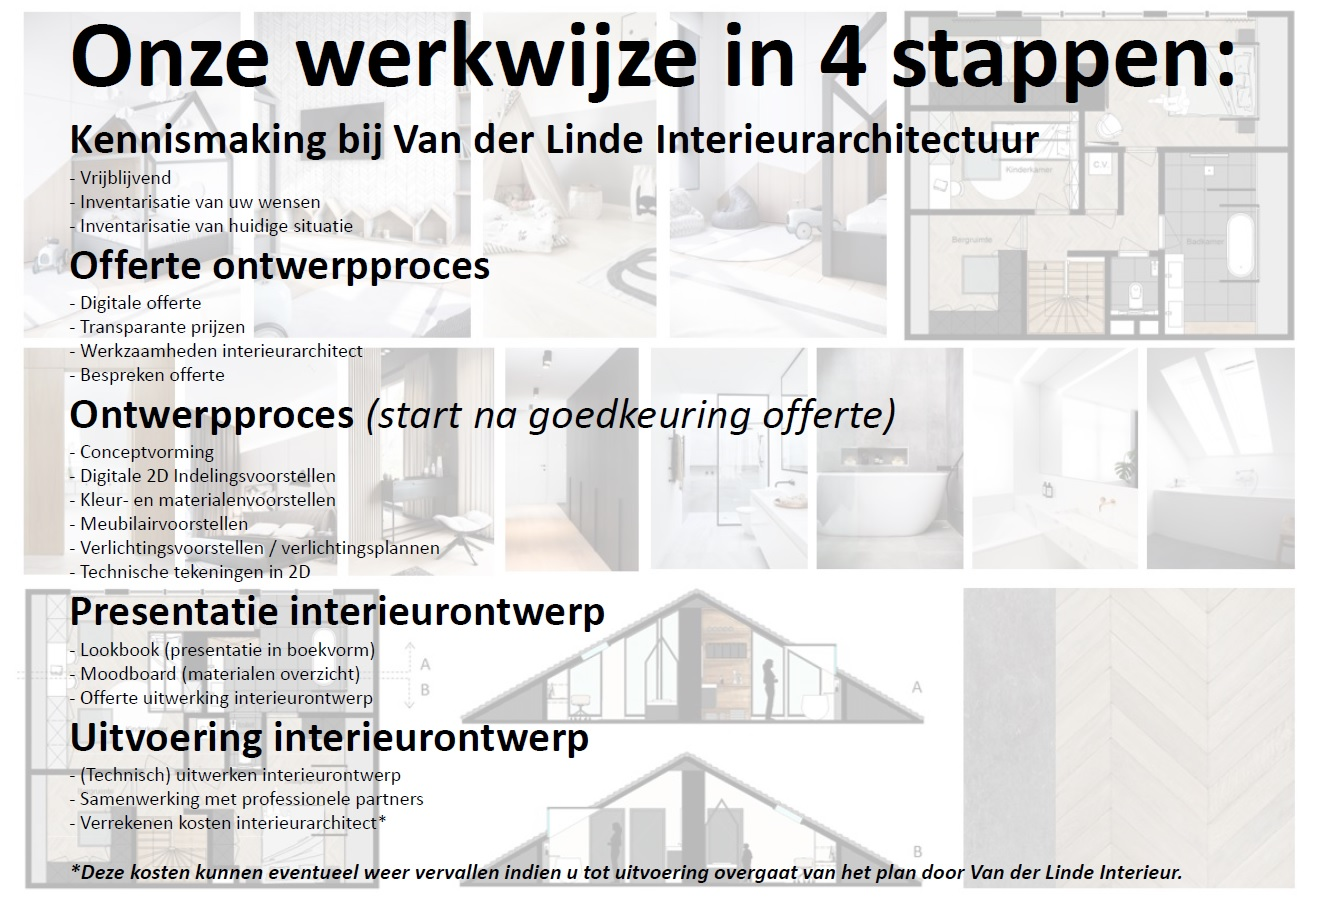 https://binnenhuisarchitect.s3.amazonaws.com/21/werkwijze_interieurarchitect.jpg